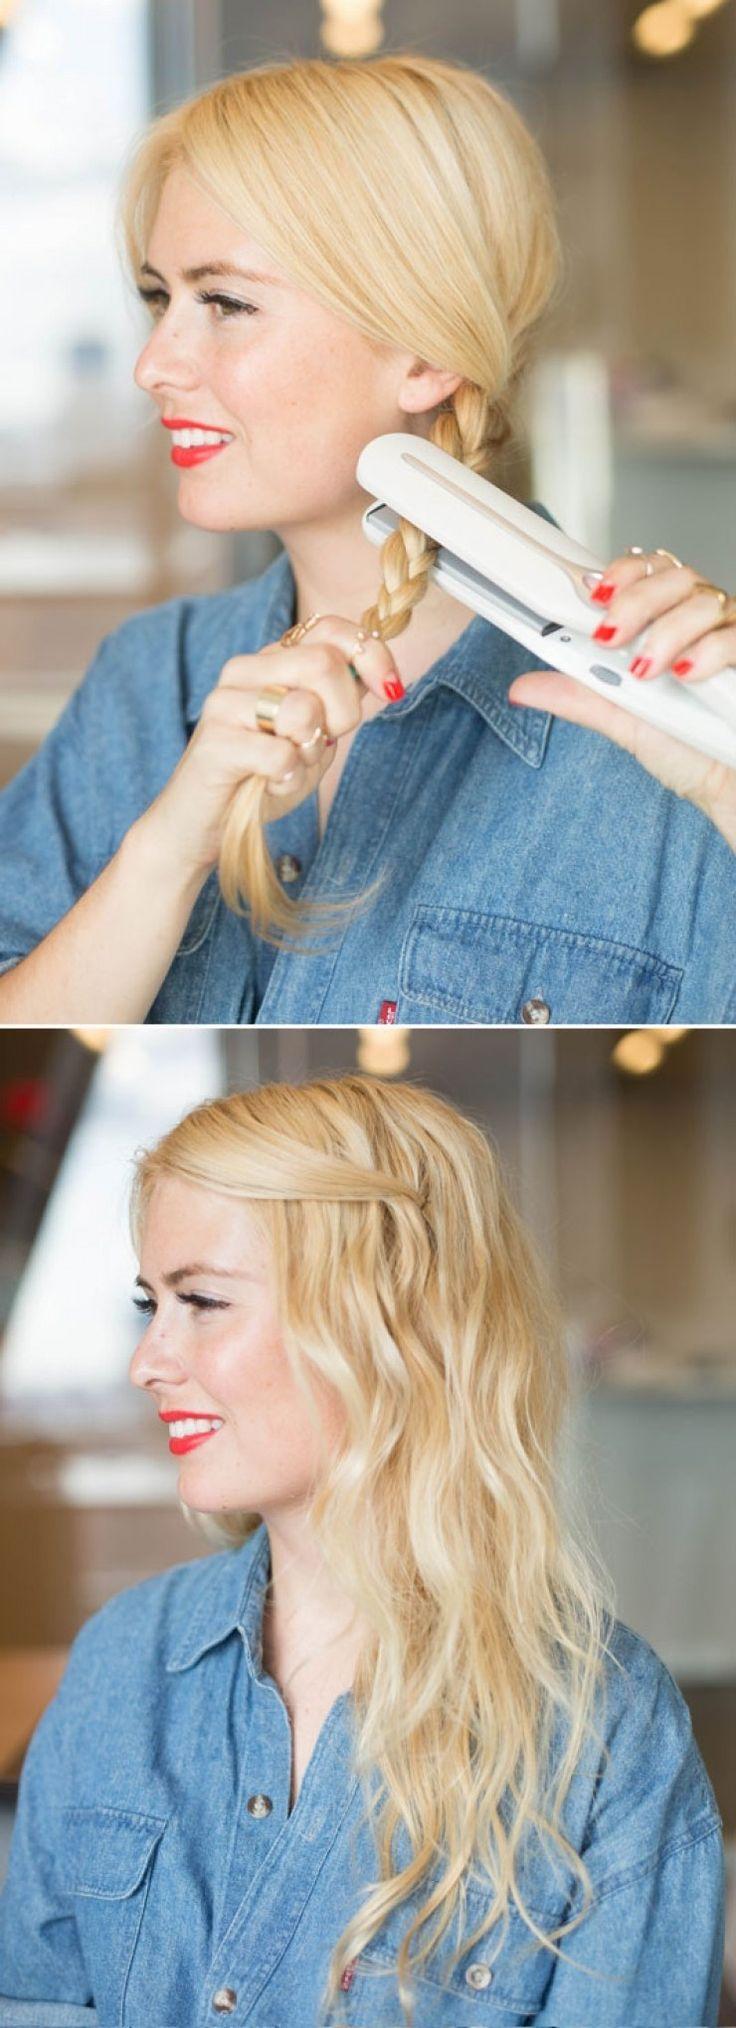 22 penteados simples para quando você não sabe o que fazer com seu cabelo